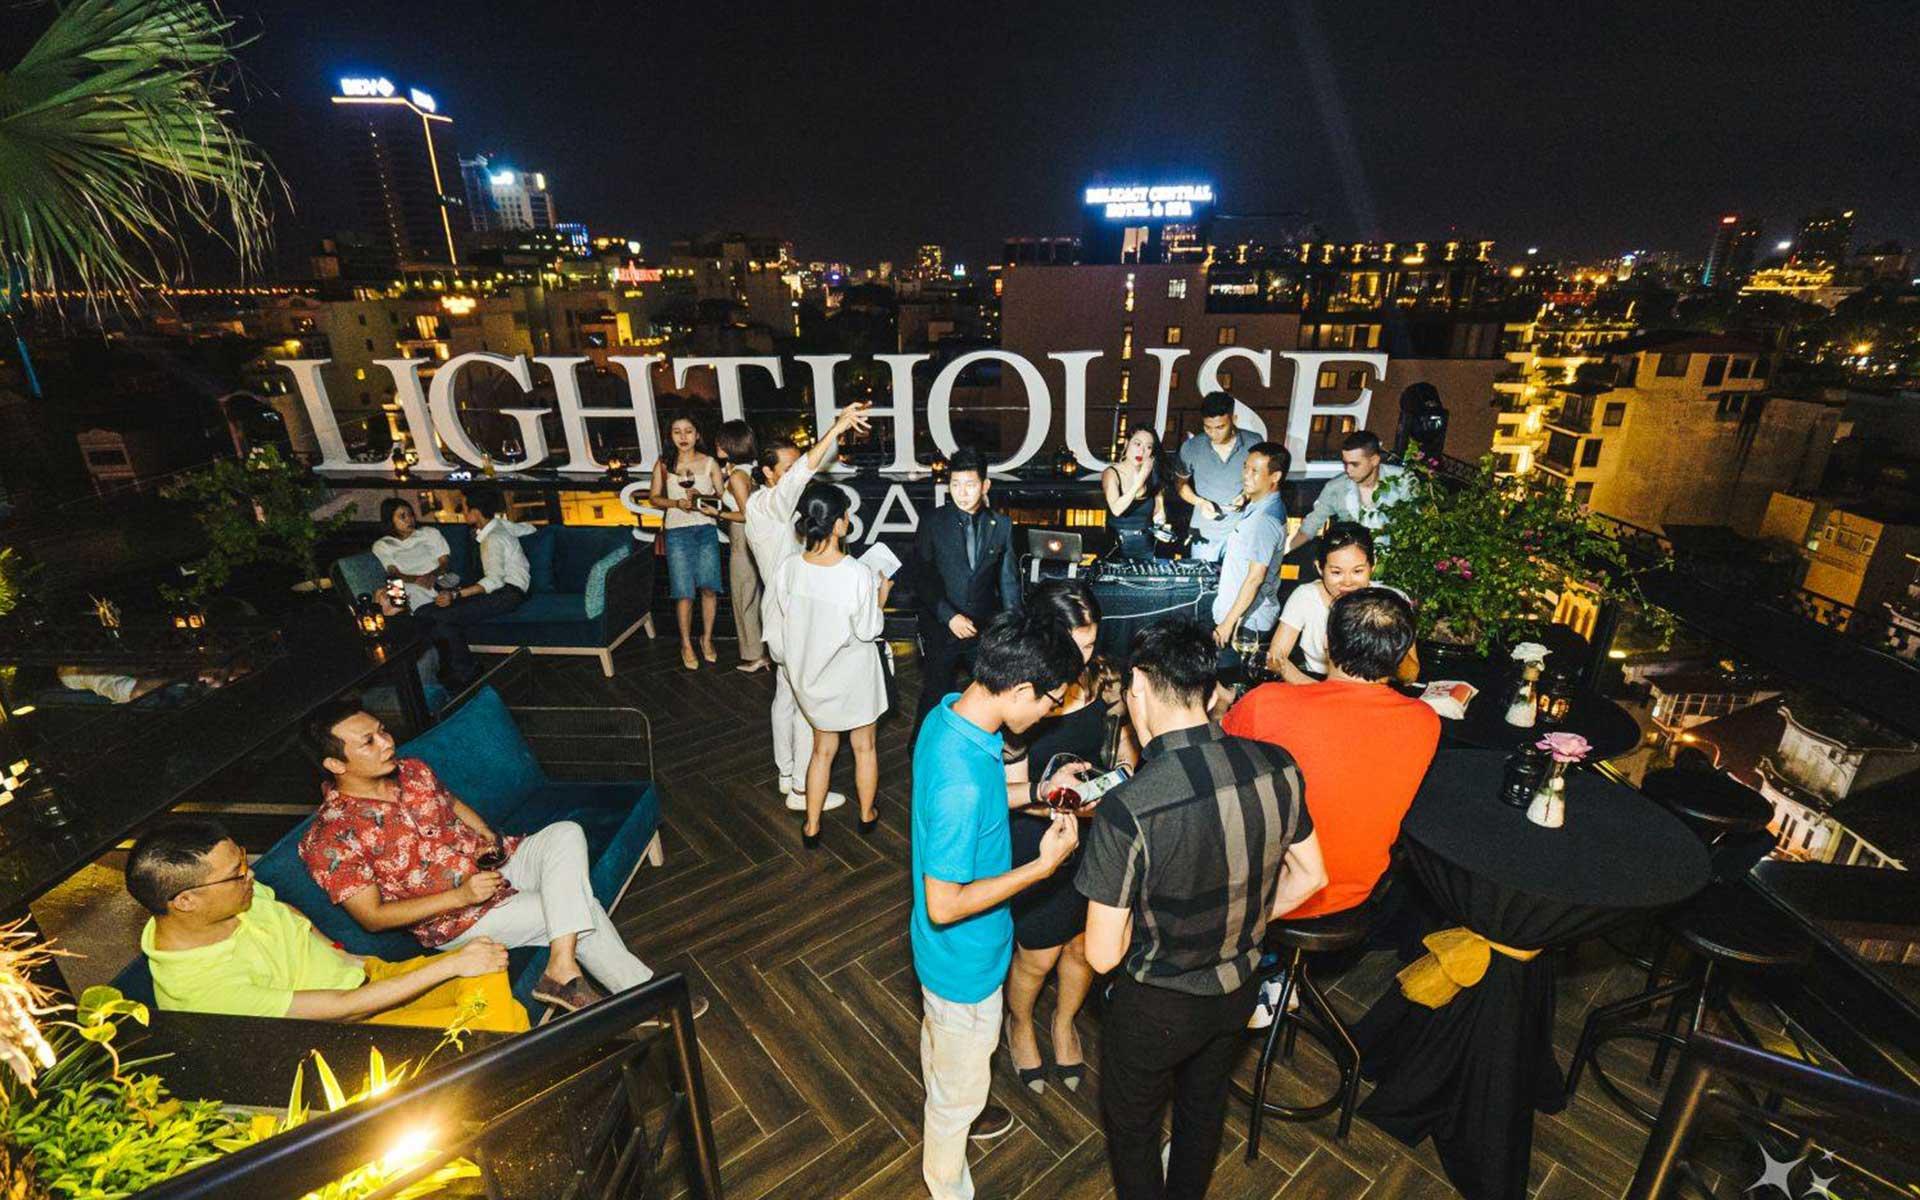 Lighthouse Sky Bar